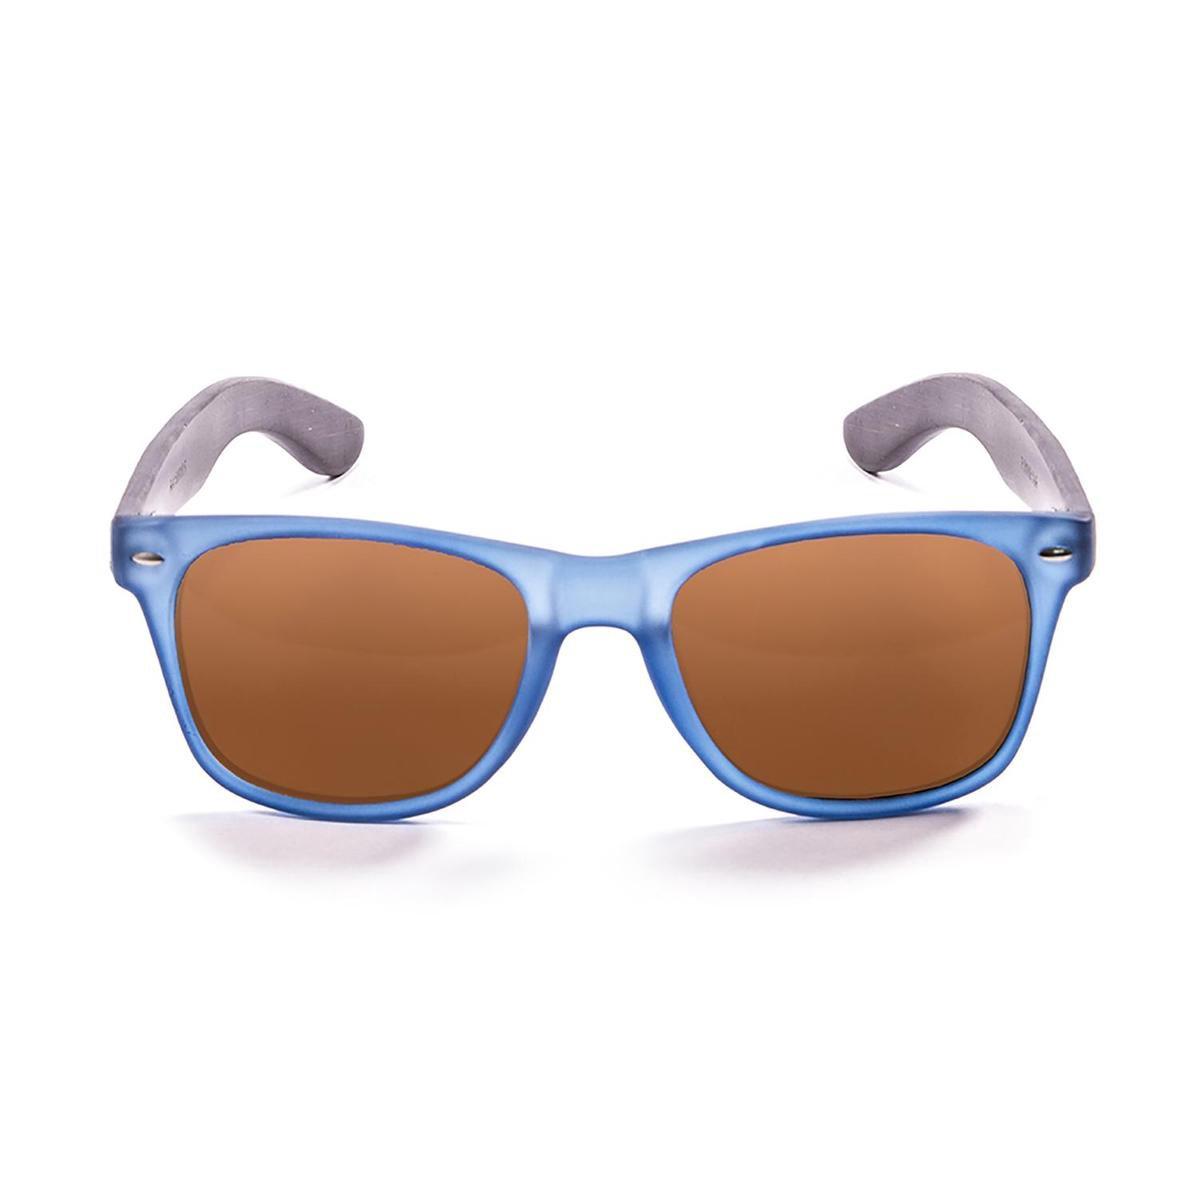 Ocean Sunglasses - BEACH WOOD - Unisex Zonnebril blauw - Ocean Sunglasses